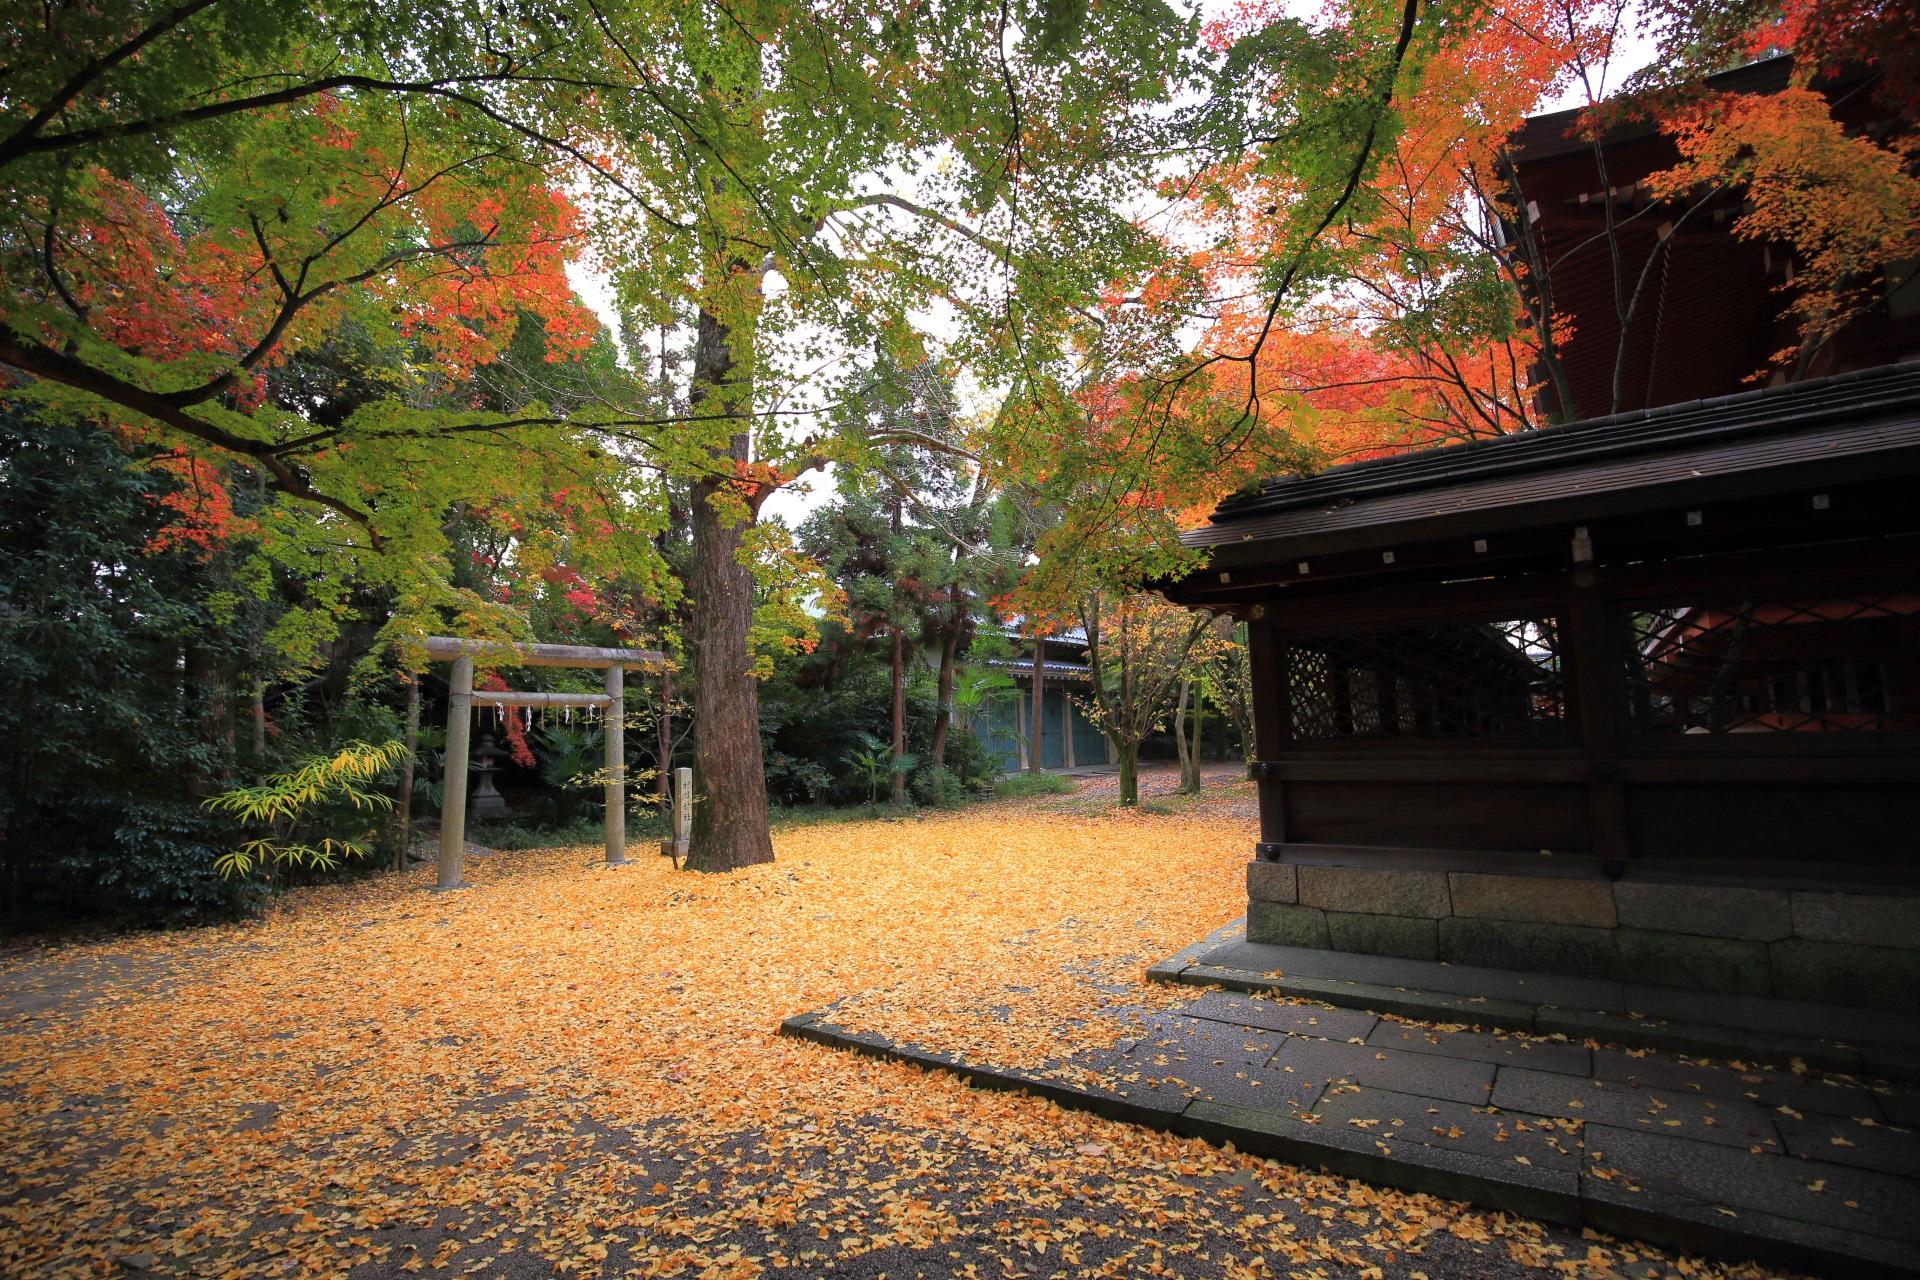 上御霊神社の末社の神明神社と散り銀杏